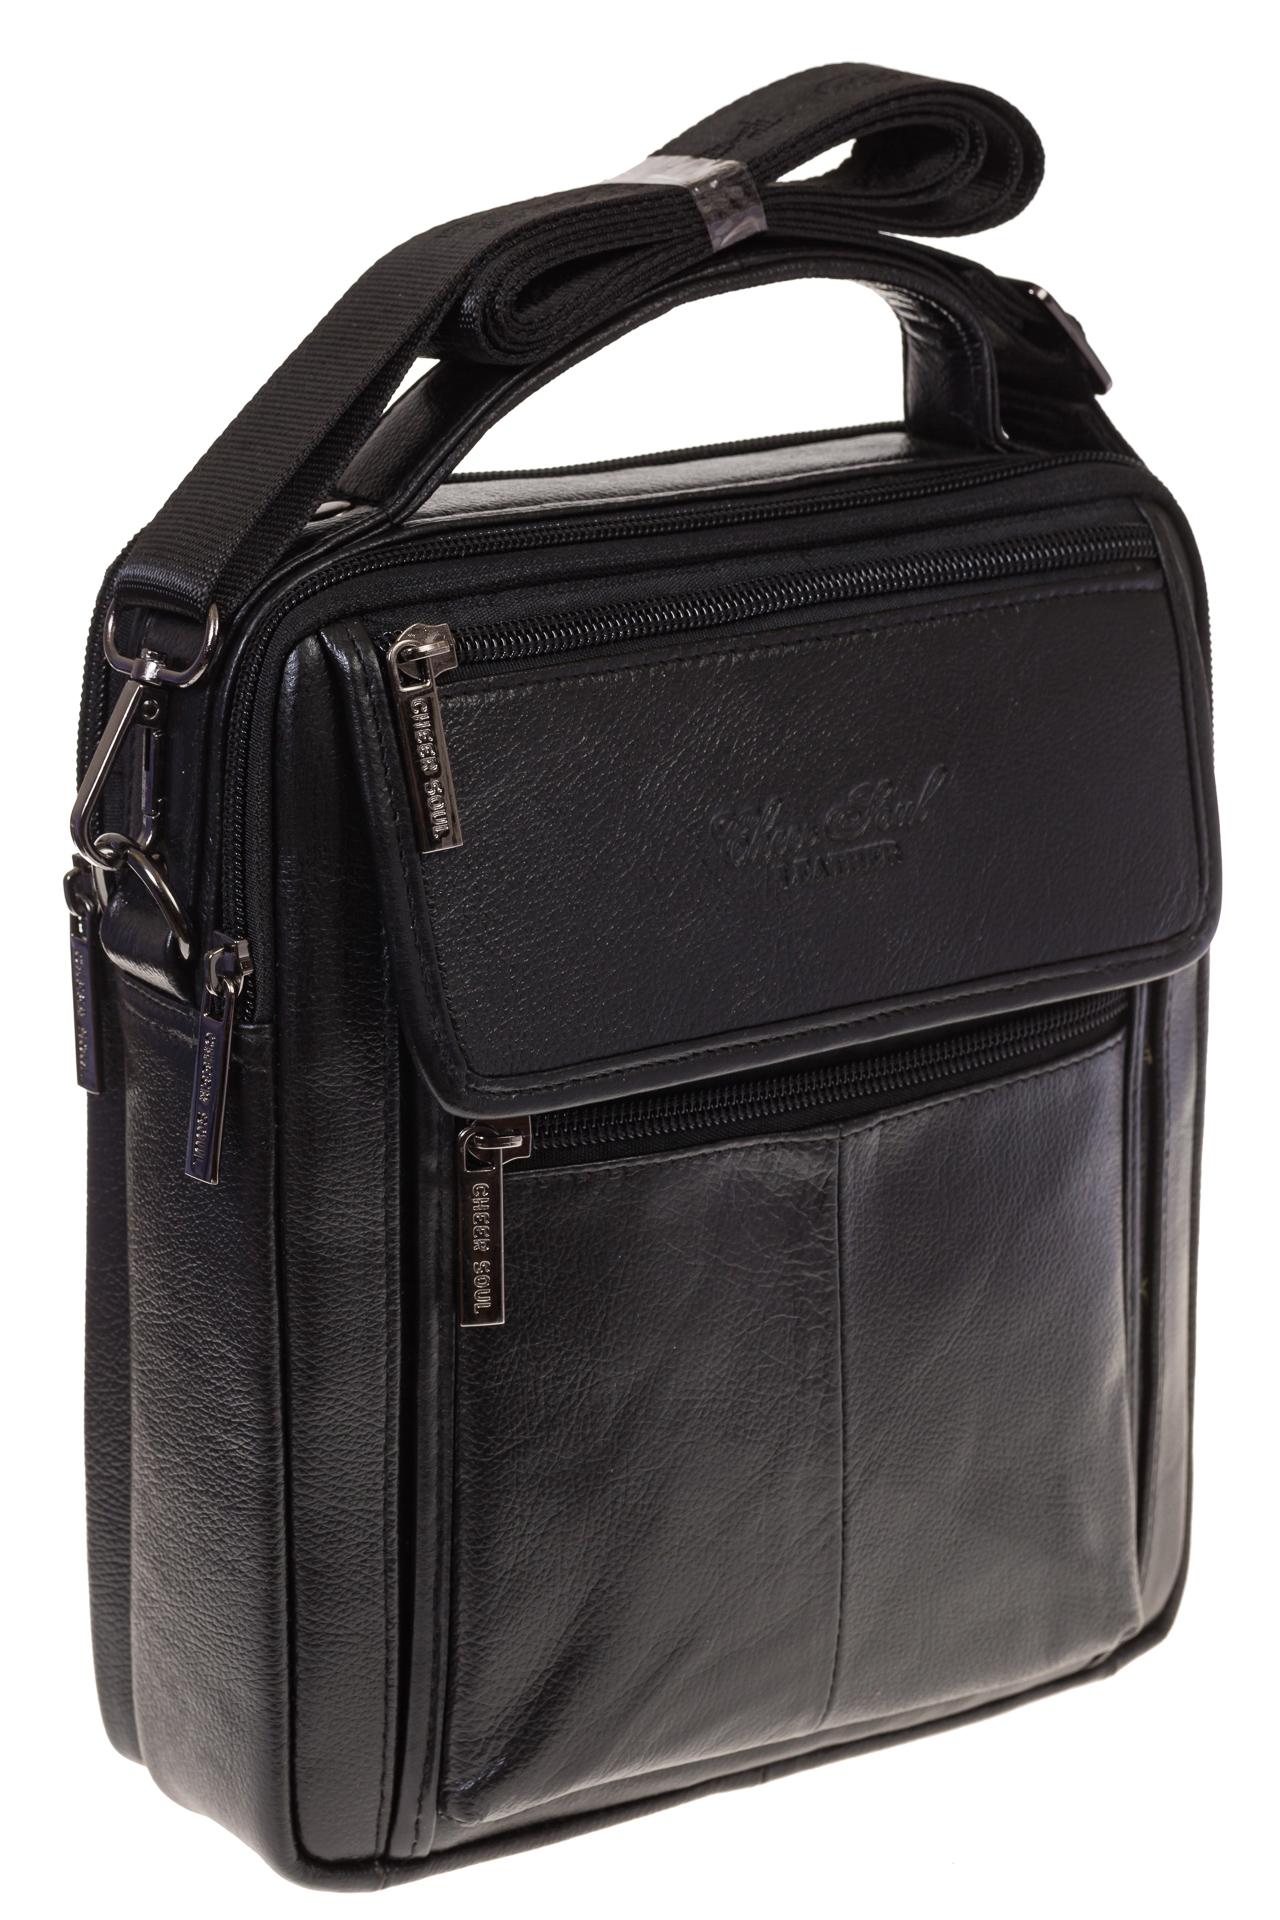 На фото сумка-визитница для мужчин черного цвета из натуральной текстурной кожи, купить оптом в магазине Грета